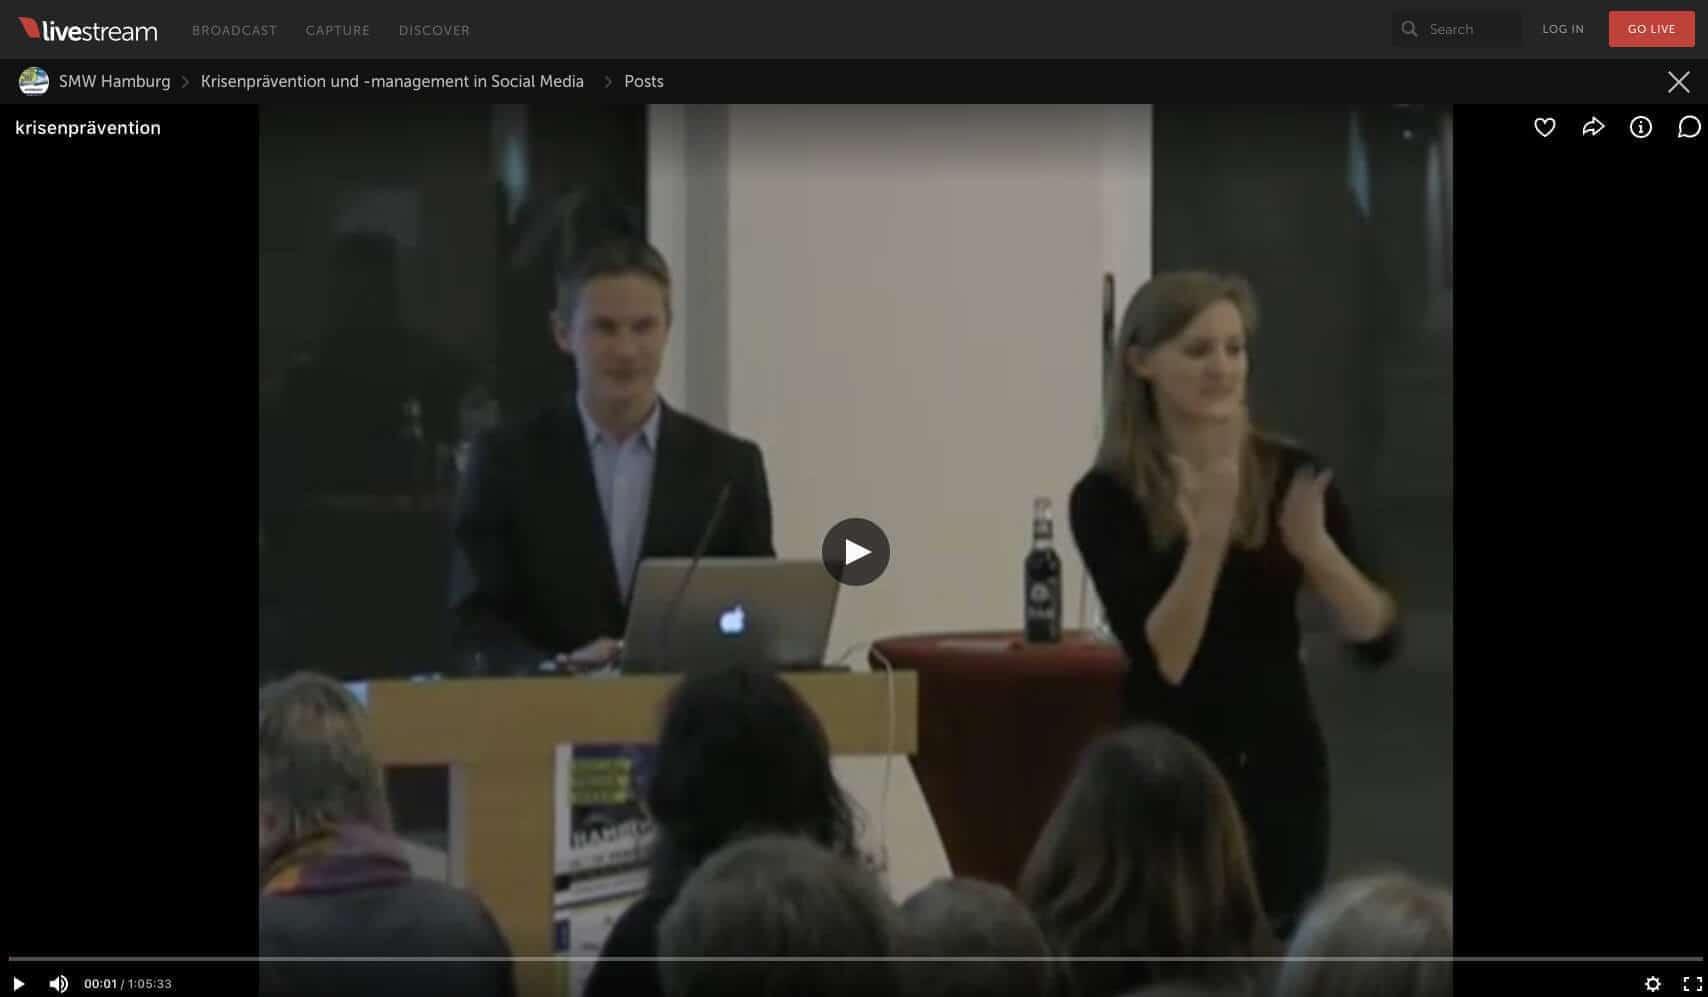 Video: Krisenprävention und -management